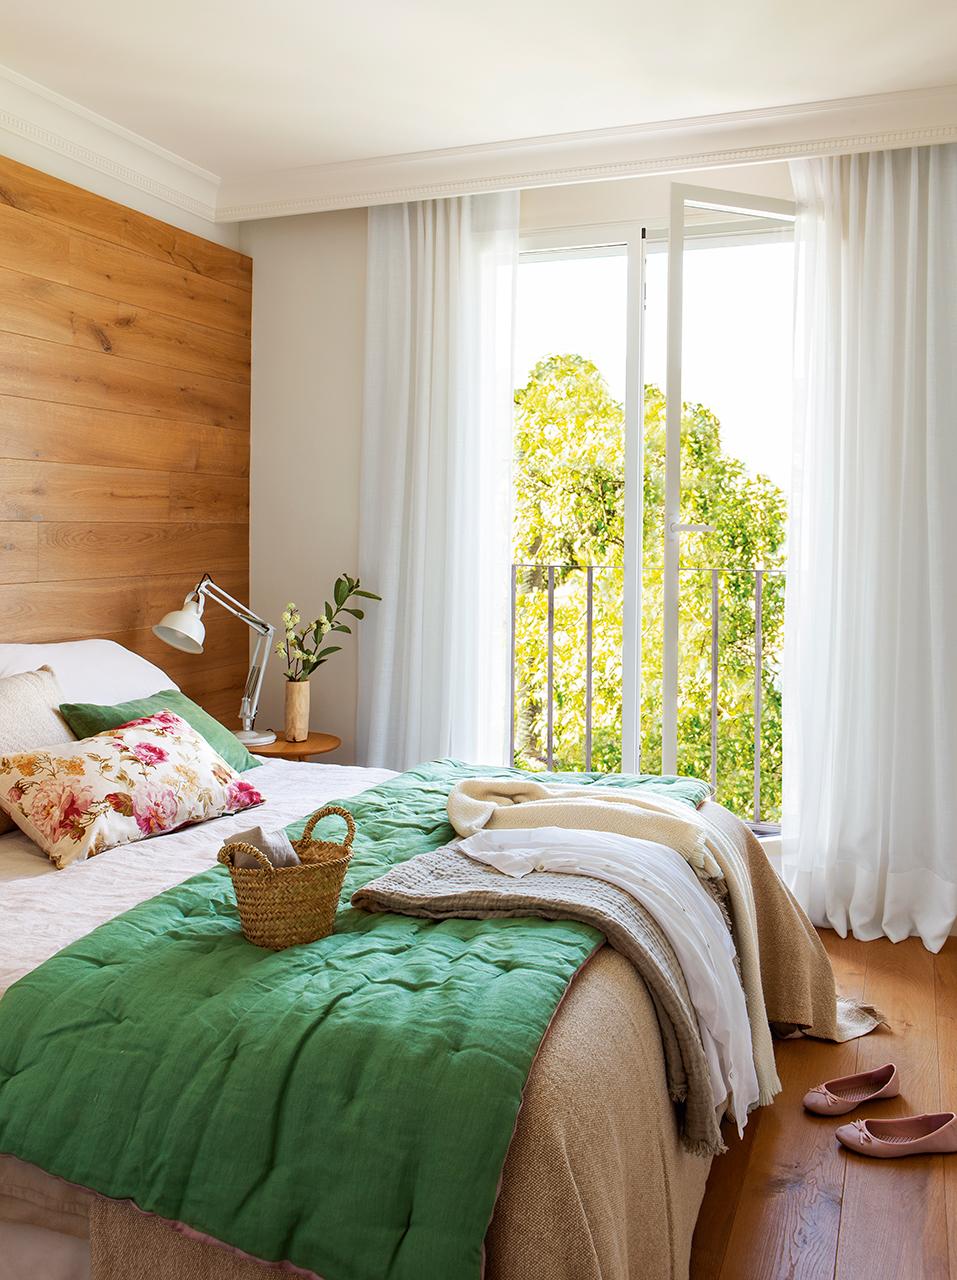 Reformar dos pisos antiguos y convertirlos en uno moderno y funcional - Decorar paredes dormitorio juvenil ...